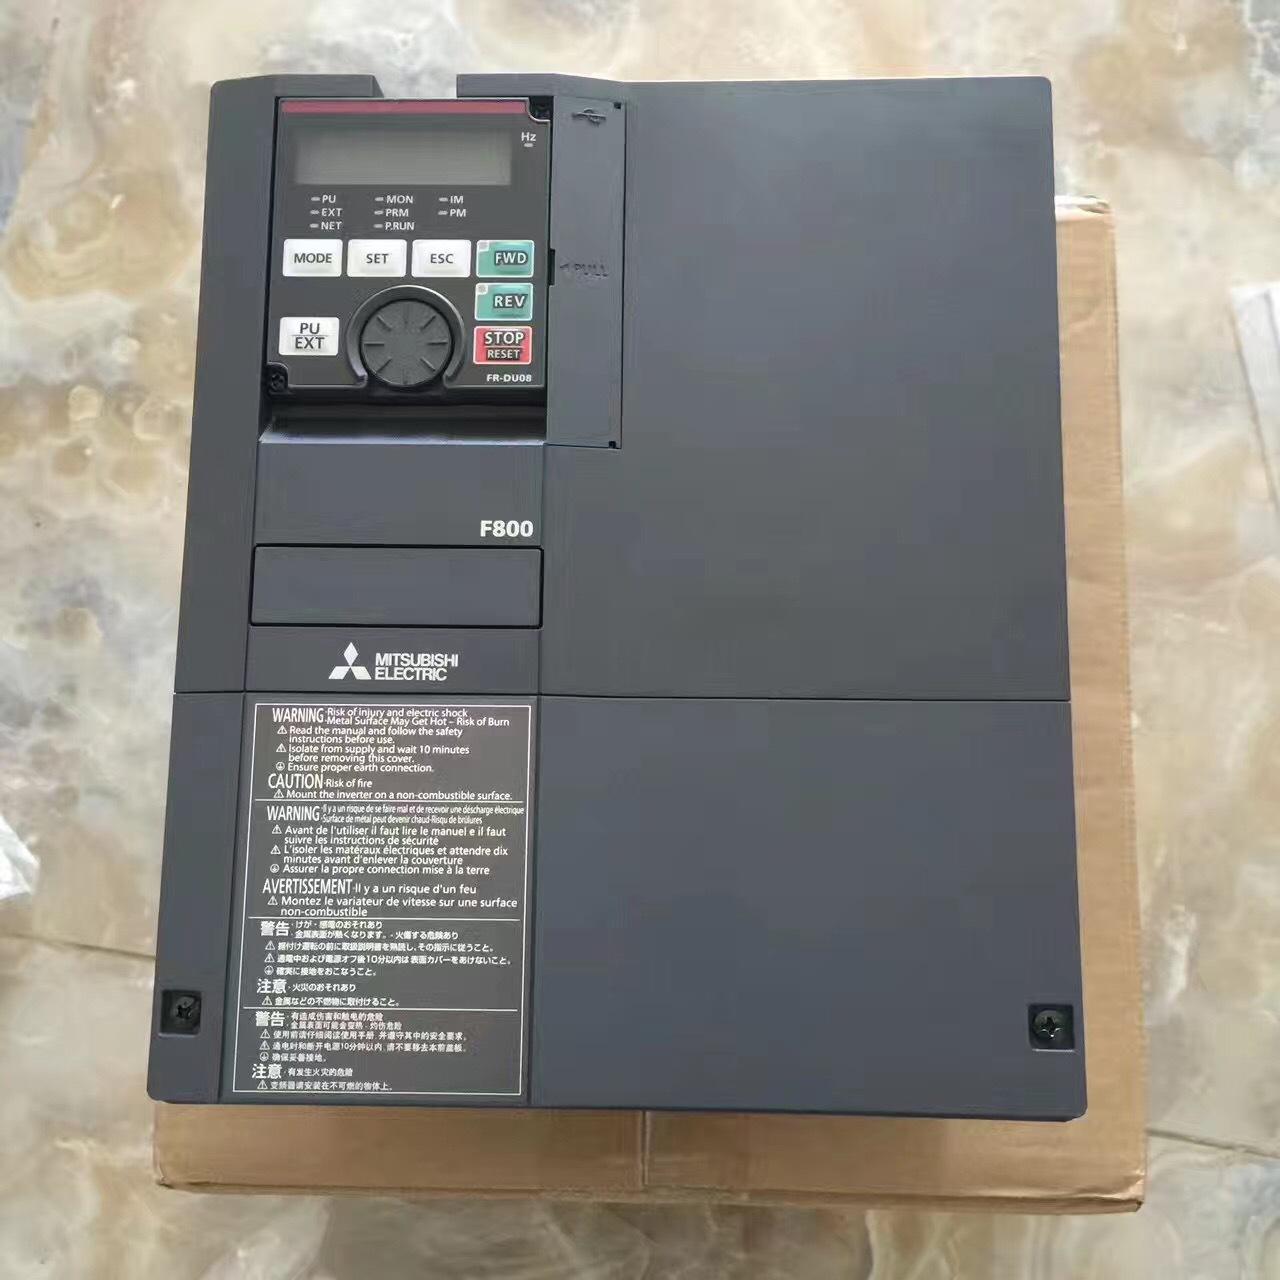 供应FR-F840-00620-2-60三菱变频器F840 30KW广东代理 大量现货